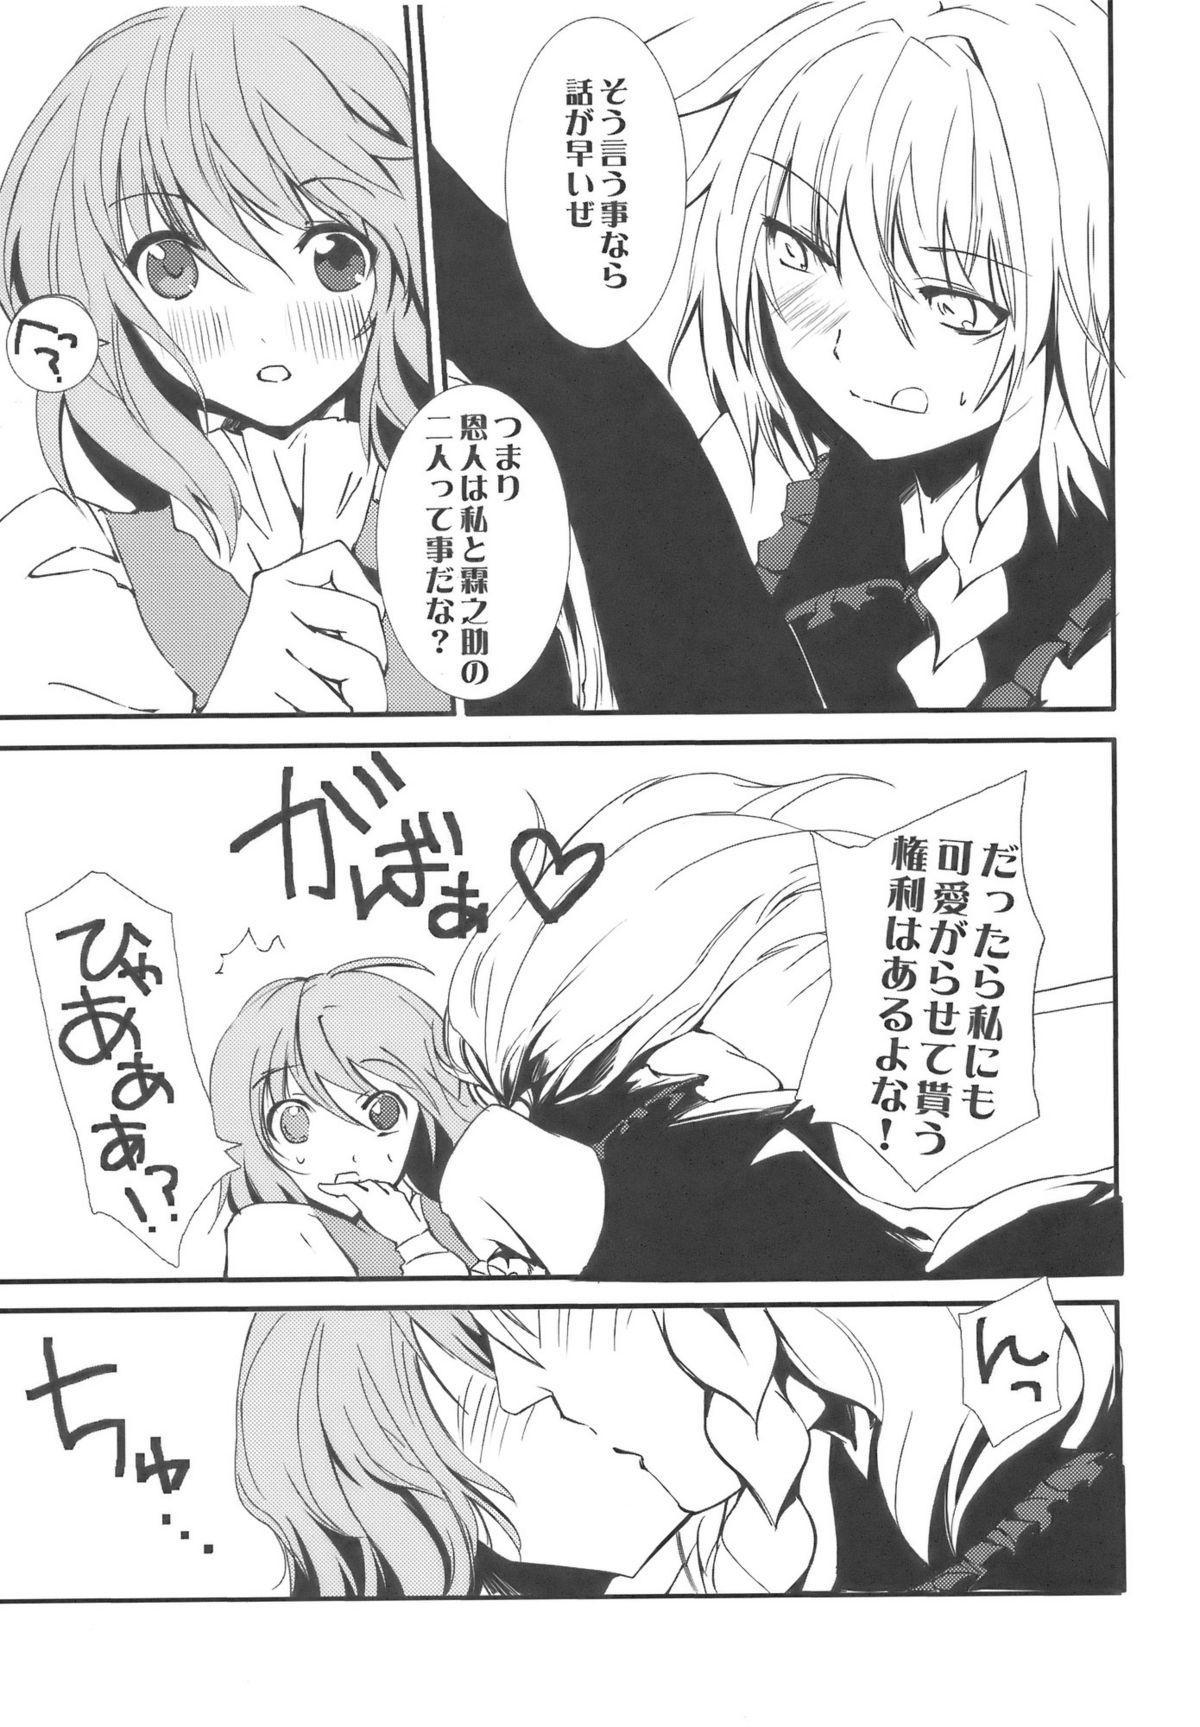 Kasa no Ongaeshi 22